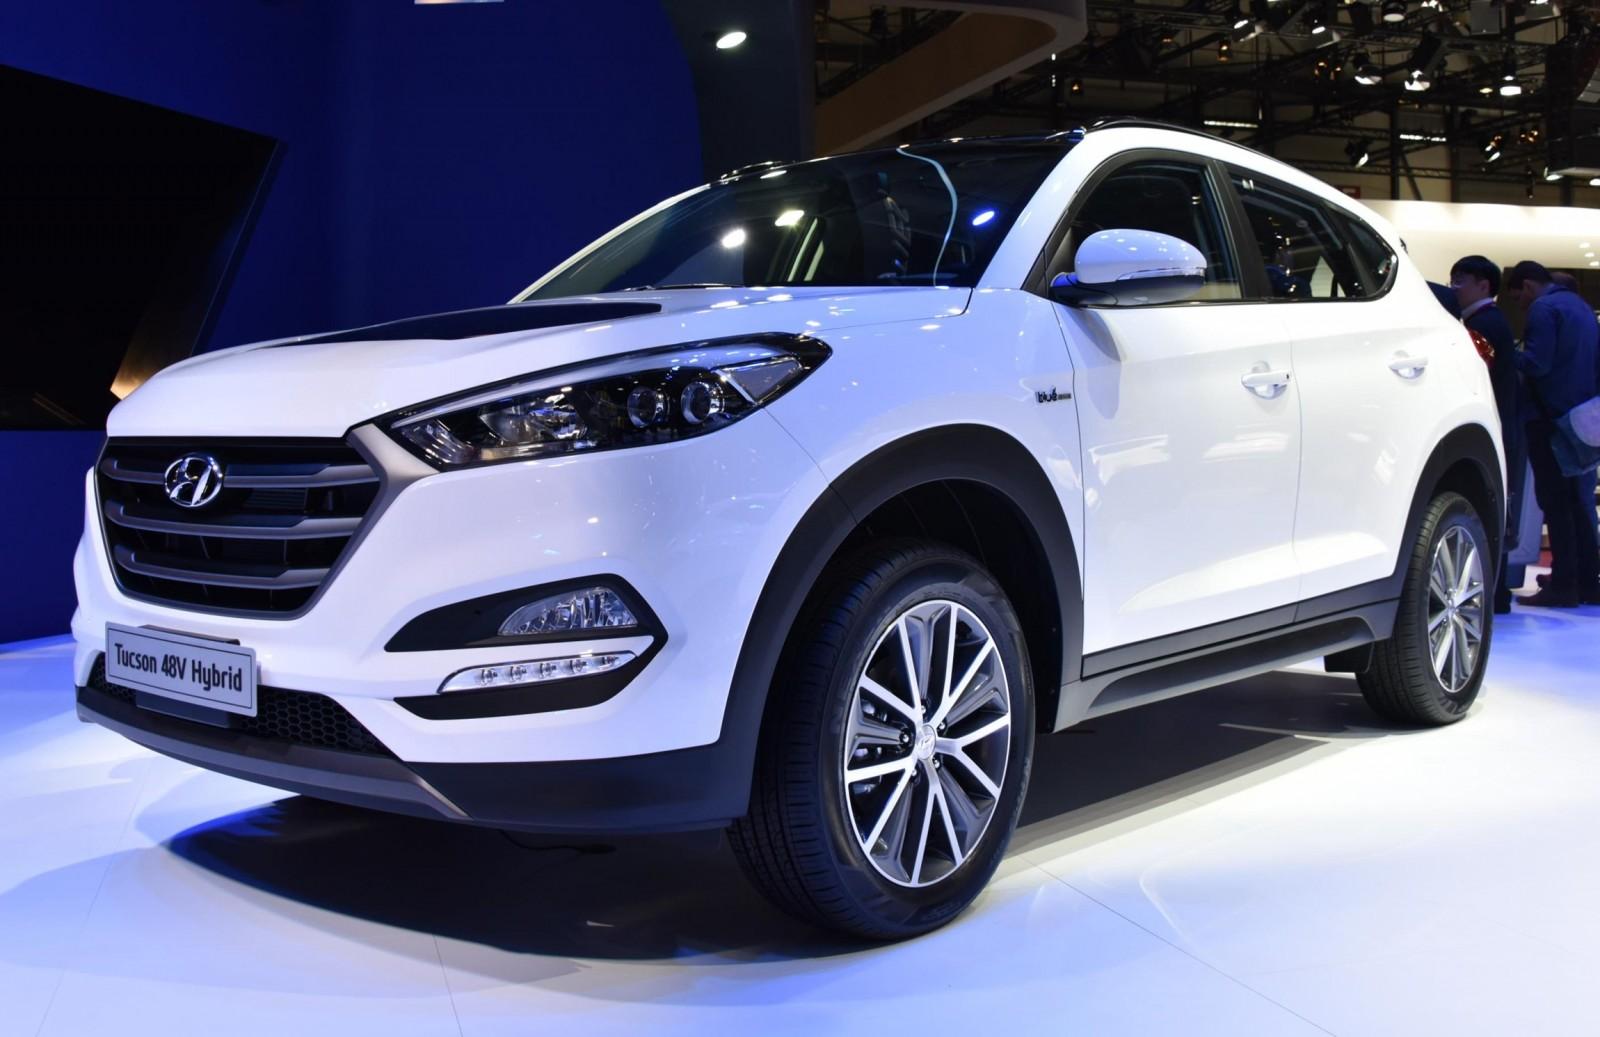 2016 Hyundai Tucson 48-Volt PHEV 1